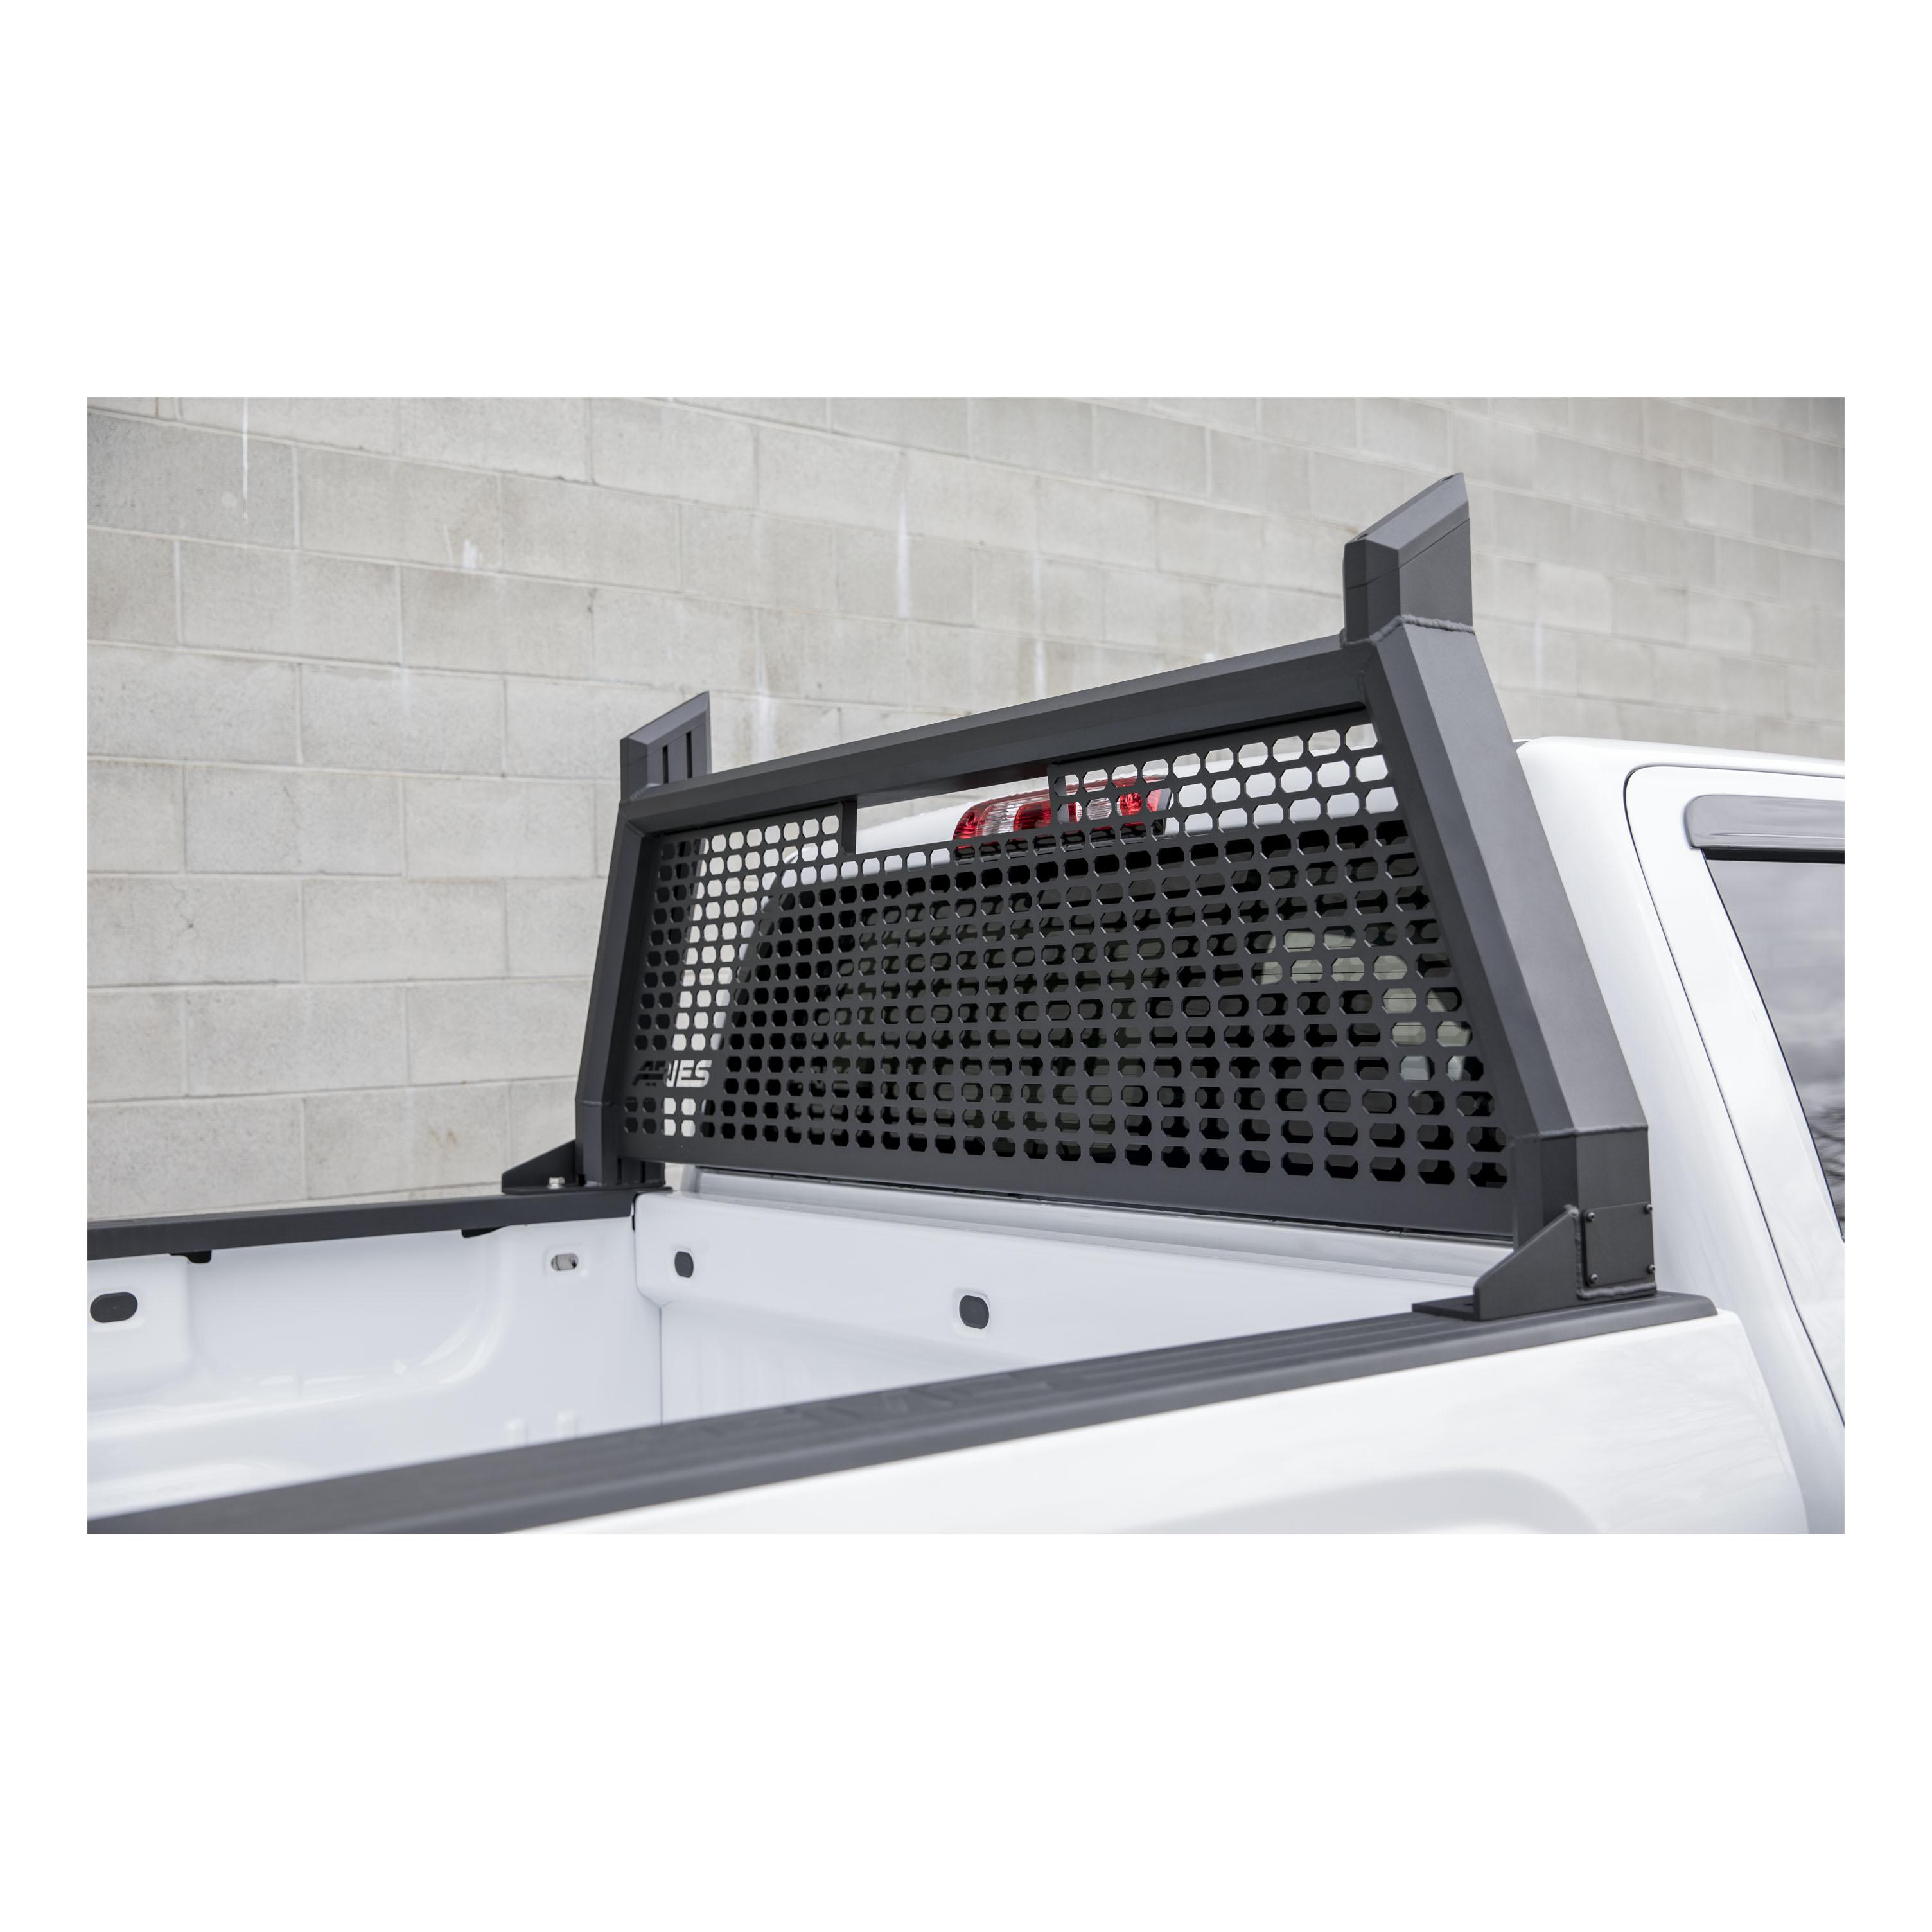 Aries 1110104 Black Aluminum Advantedge Headache Rack For Chevy